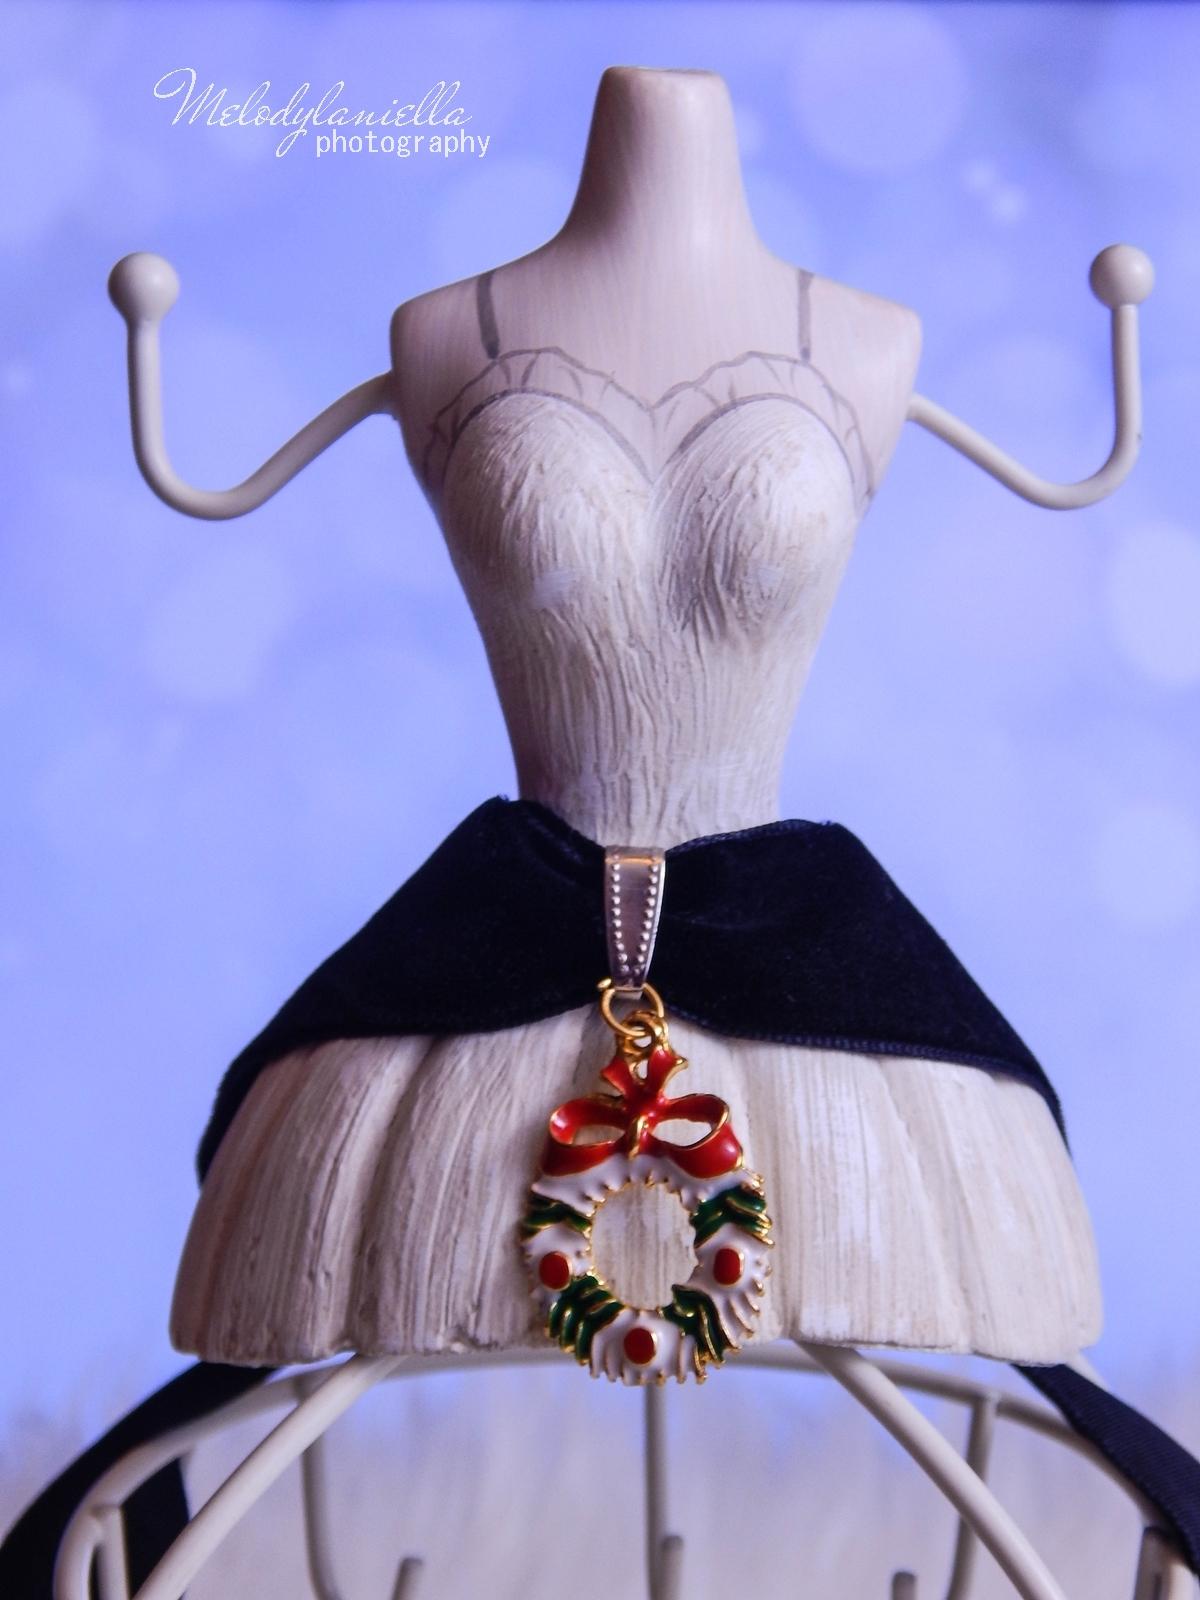 14 Biżuteria z chińskich sklepów sammydress kolczyk nausznica naszyjnik wisiorki z kryształkiem świąteczna biżuteria ciekawe dodatki stylowe zegarki pióra choker chokery złoty srebrny złoto srebro obelisk